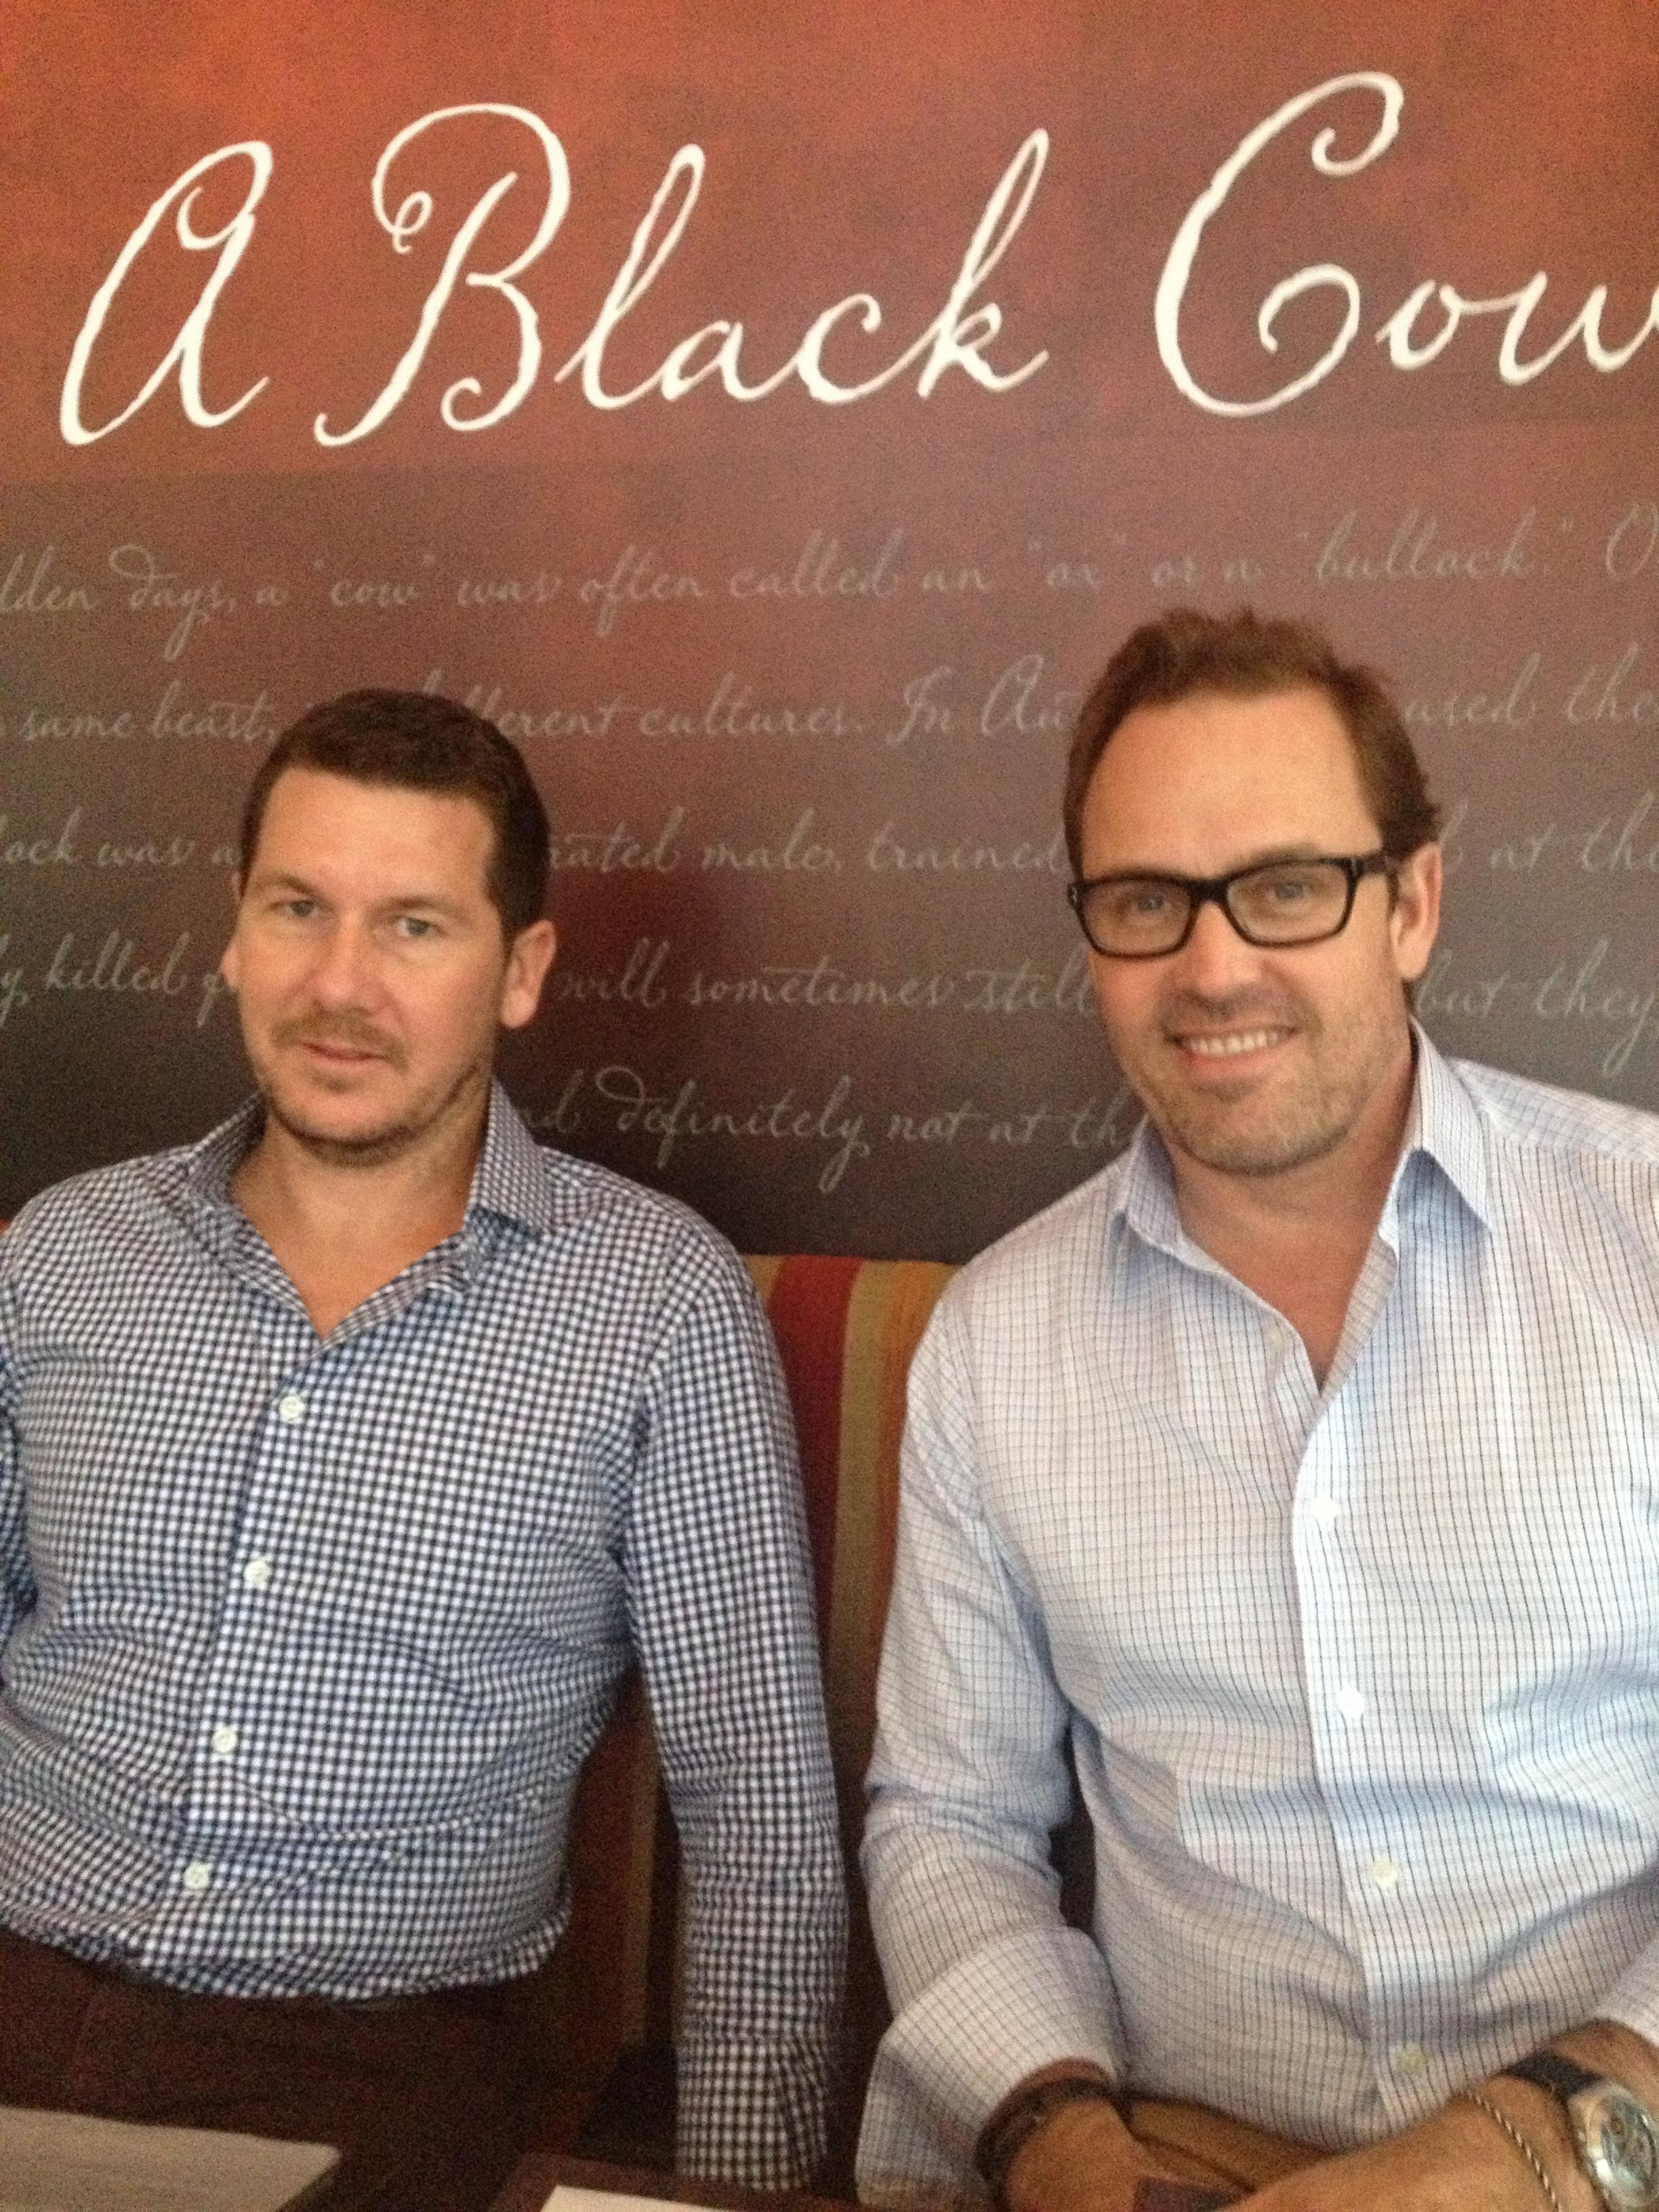 Dan & Brent - Balck Cow Bistro